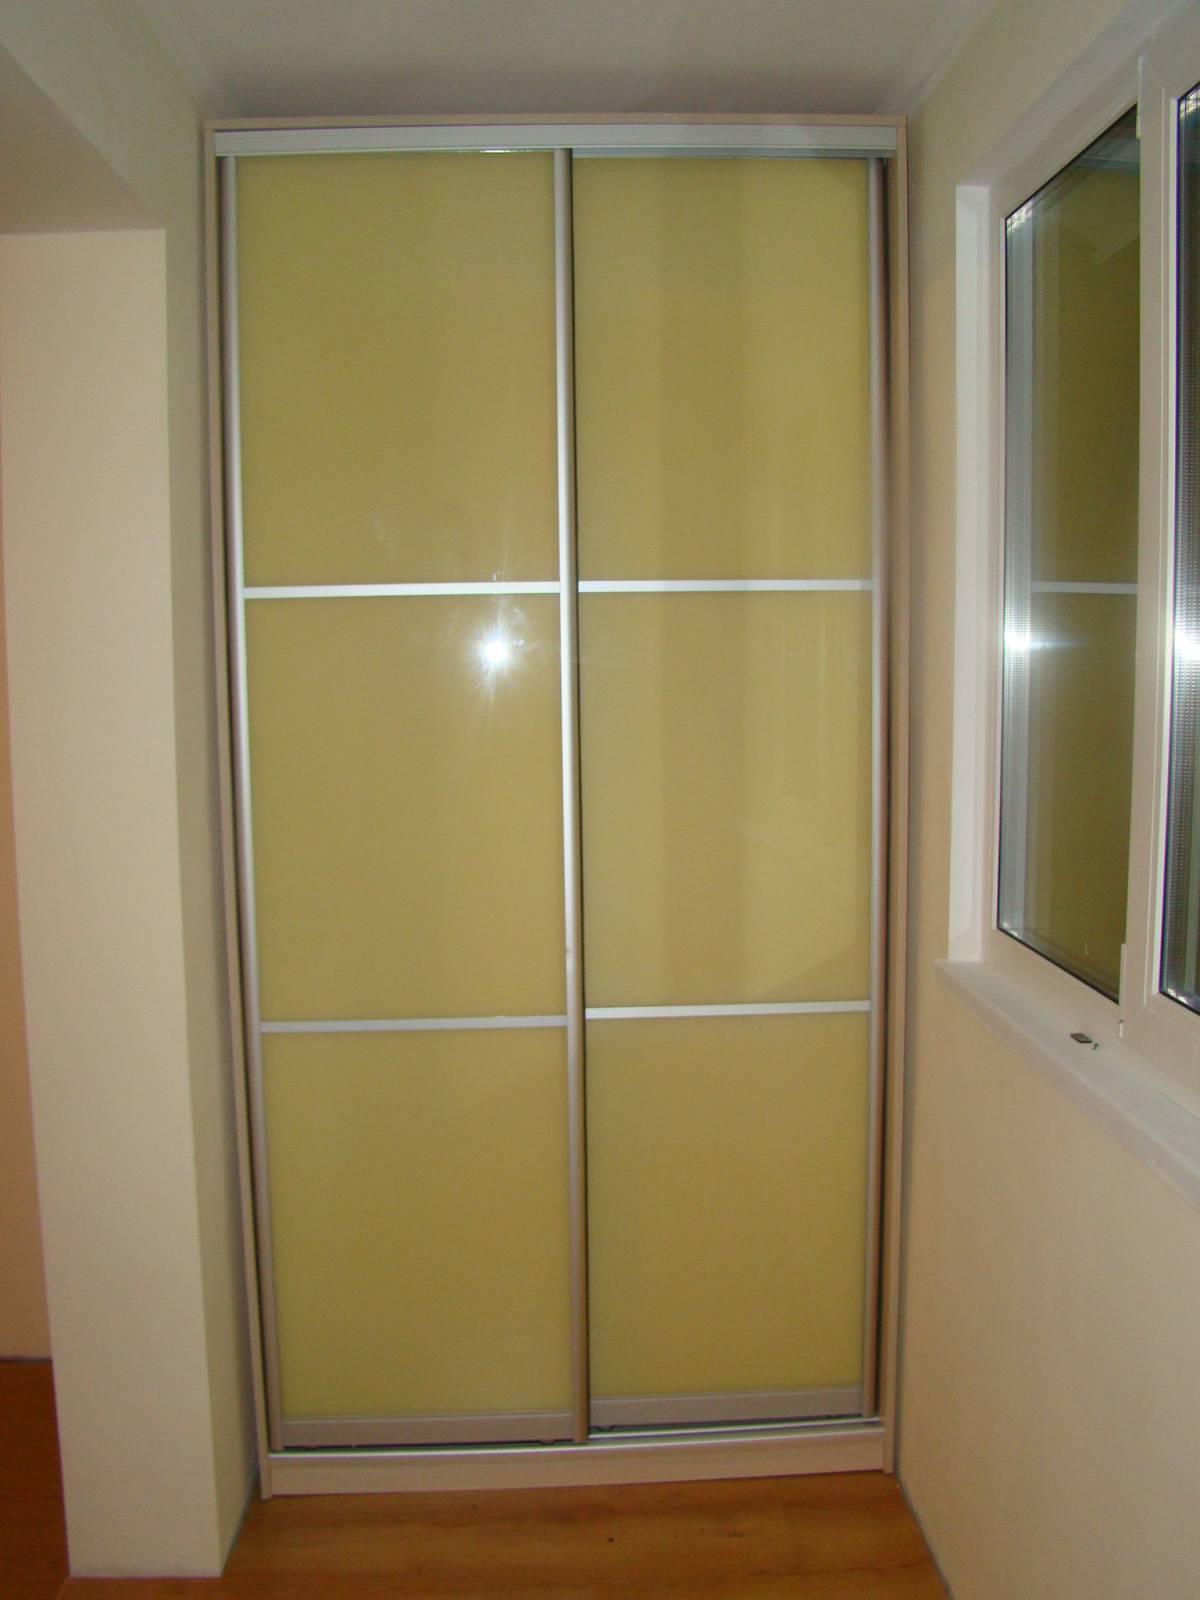 Шкаф на балкон в новокузнецке заказать мебель для балкона - .